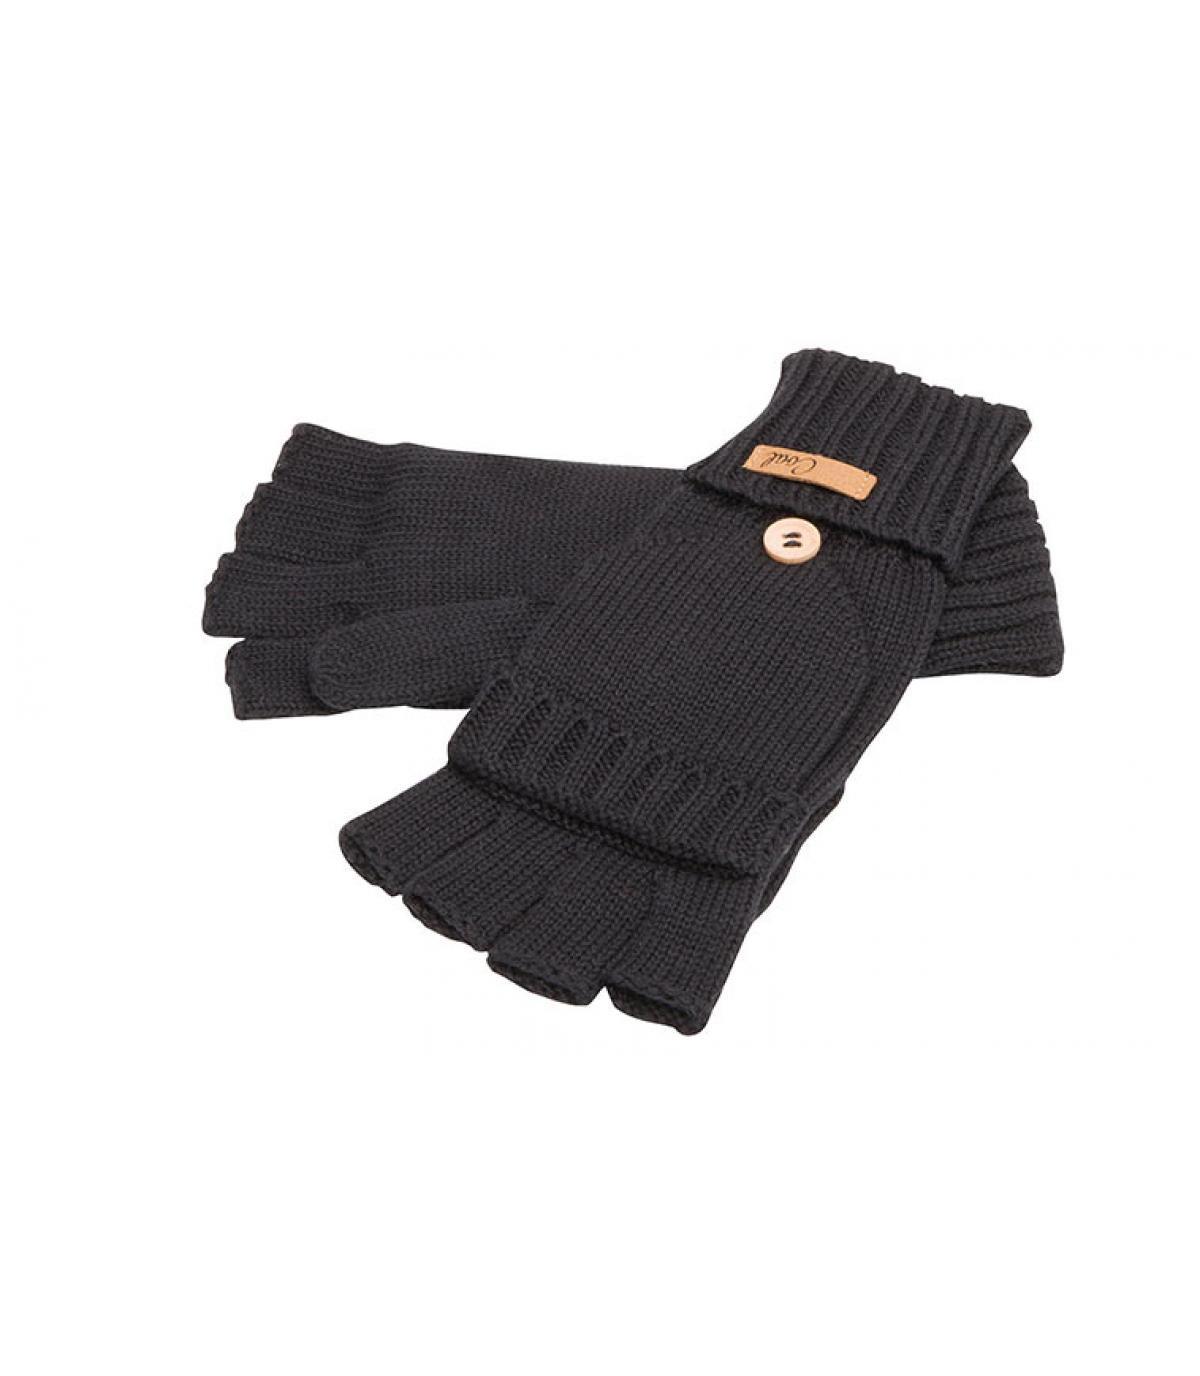 black mitten gloves